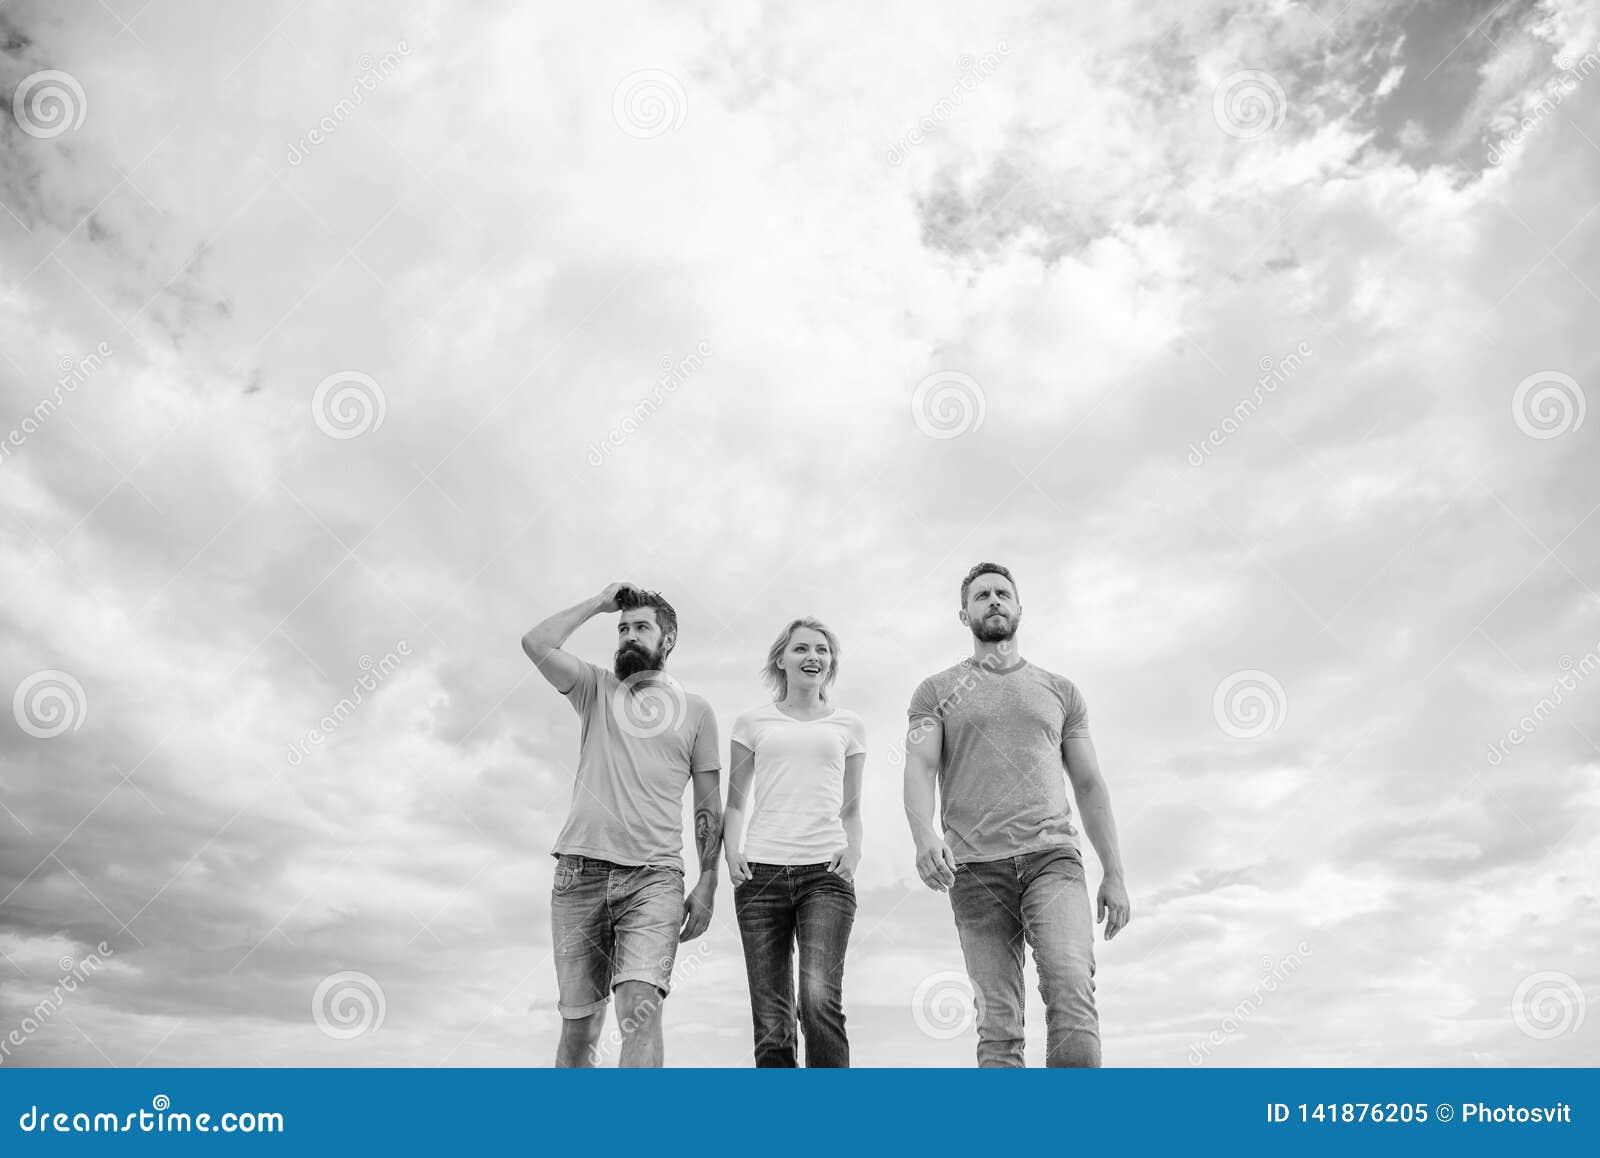 A amizade verdadeira cresce com obstáculos do destino Amigos verdadeiros unidos do threesome Maneira longa da calha movente Keep